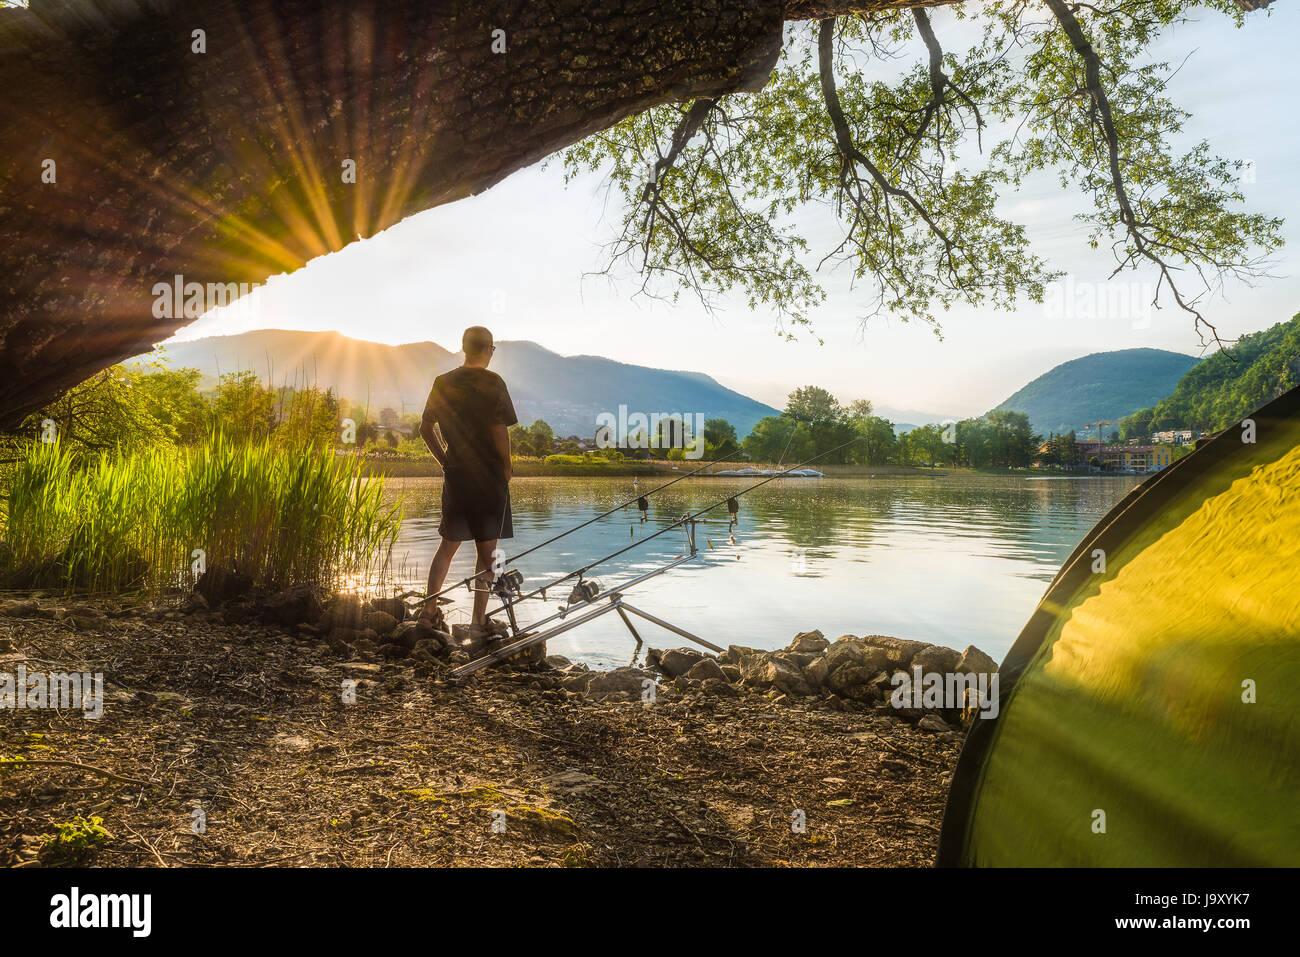 Aventures de pêche, pêche à la carpe. Angler, au coucher du soleil, est la pêche avec carpfishing Photo Stock